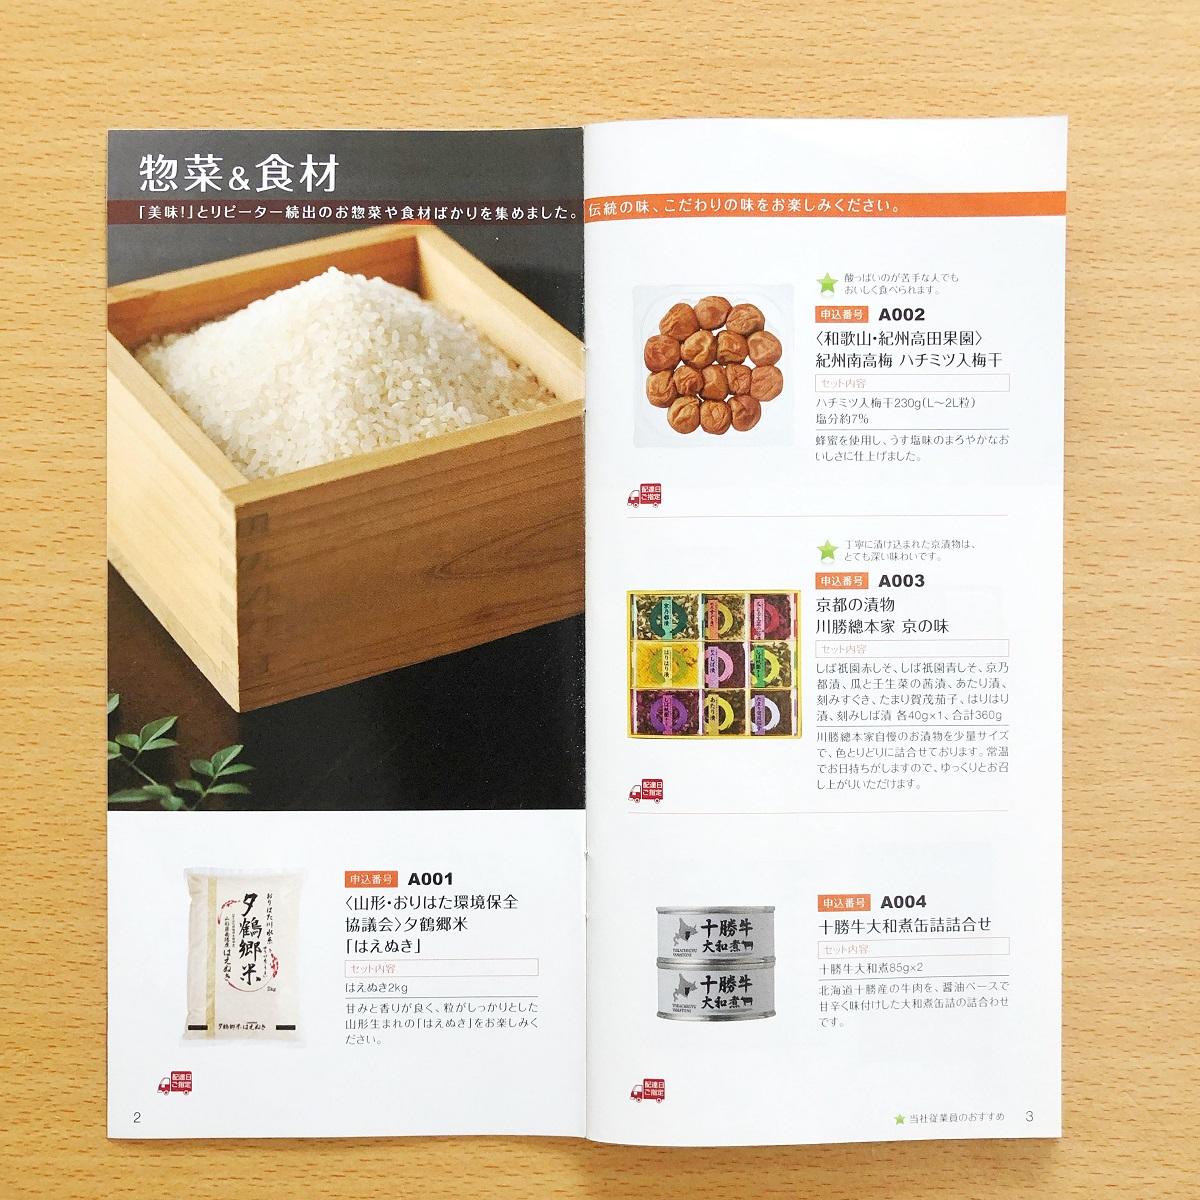 日本管財カタログ① 株主優待 2019年9月 2,000円